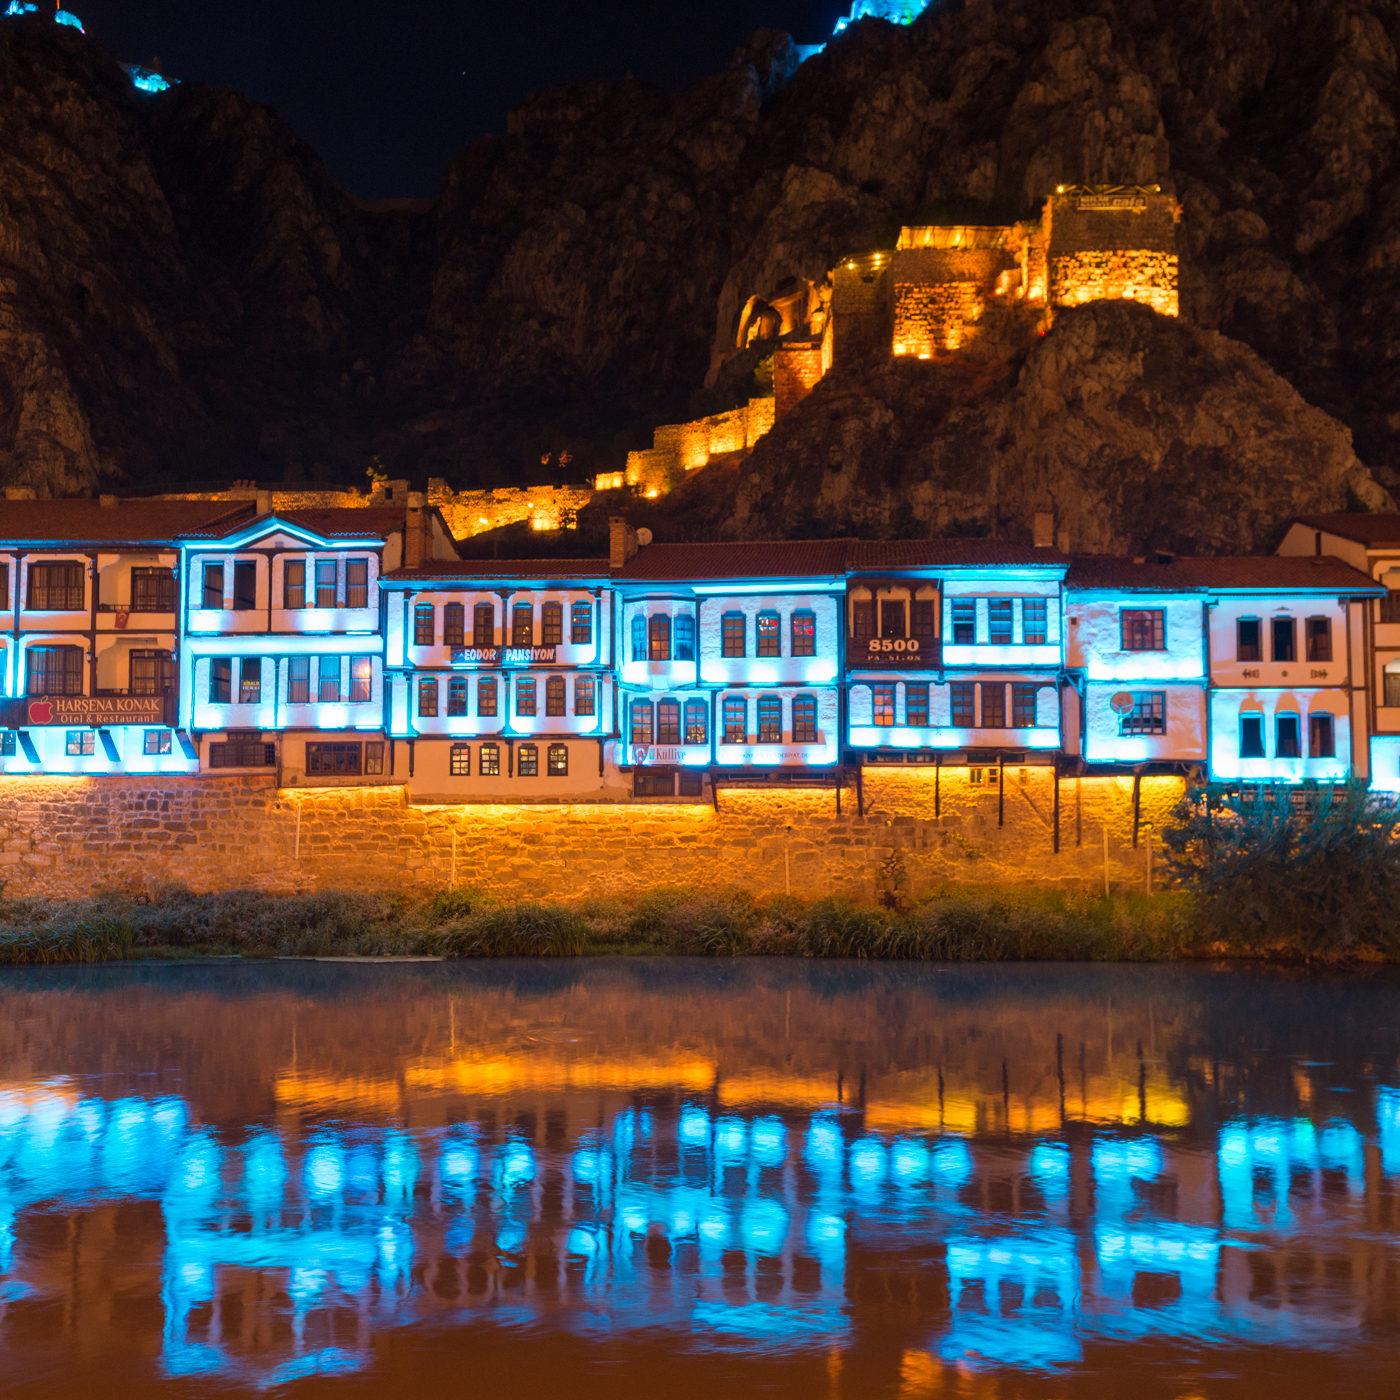 AMASYA / アマスヤの町は切り立った崖に挟まれ、町の中央を小さな川が流れる。日暮れになると旧市街は電飾され、日中と異なる姿を見せる。水色とオレンジ色のイルミネーション。